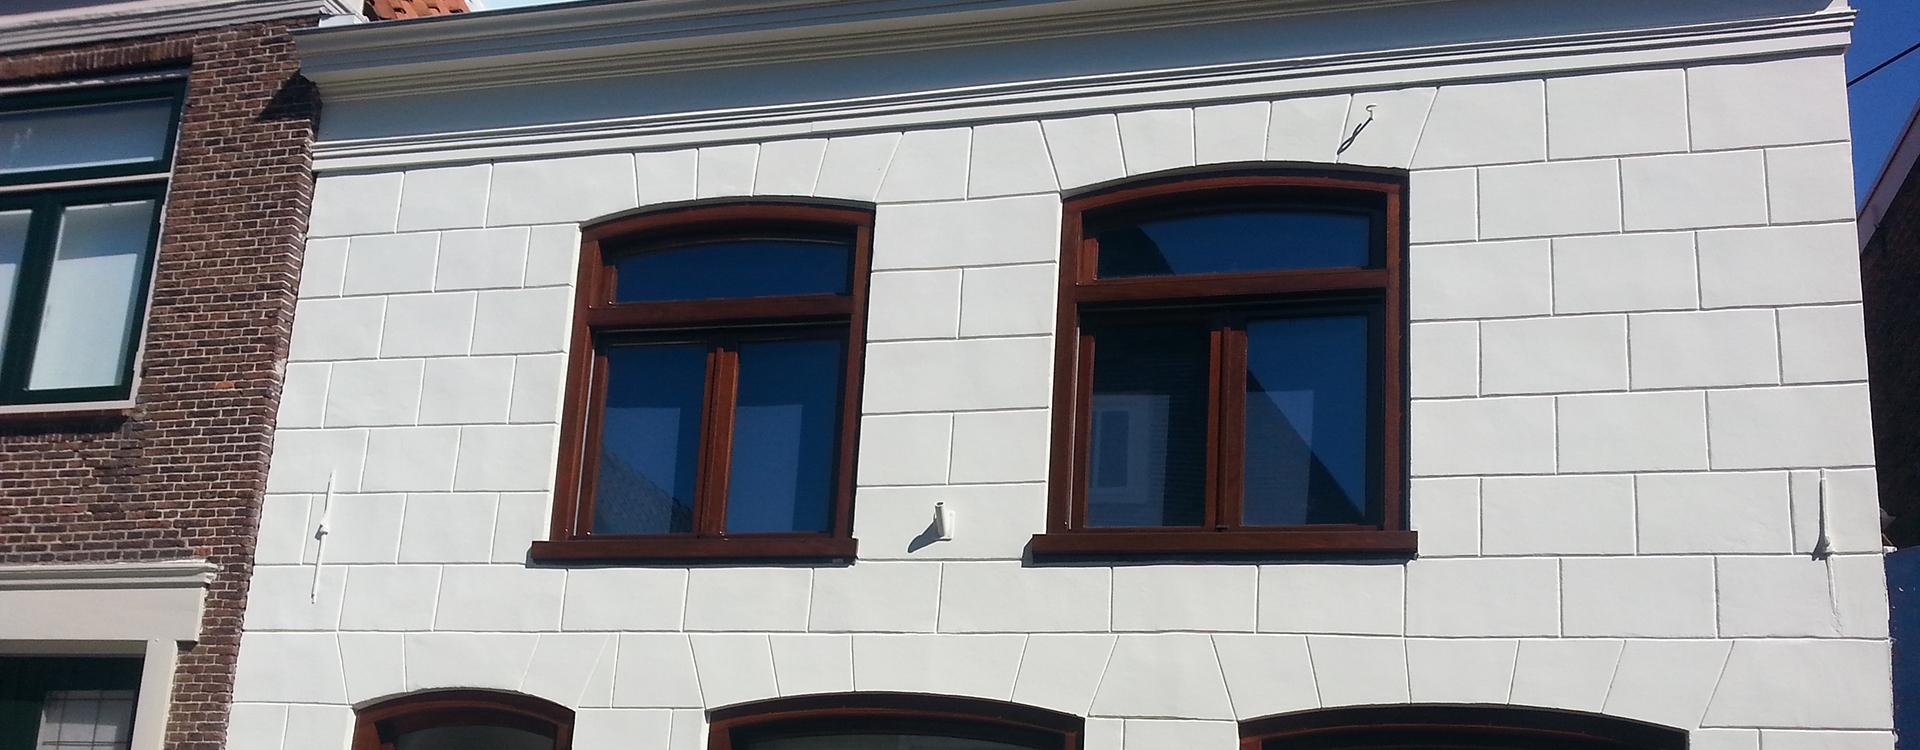 kozijnen woonhuis schilderen door Schuit Schilderwerken